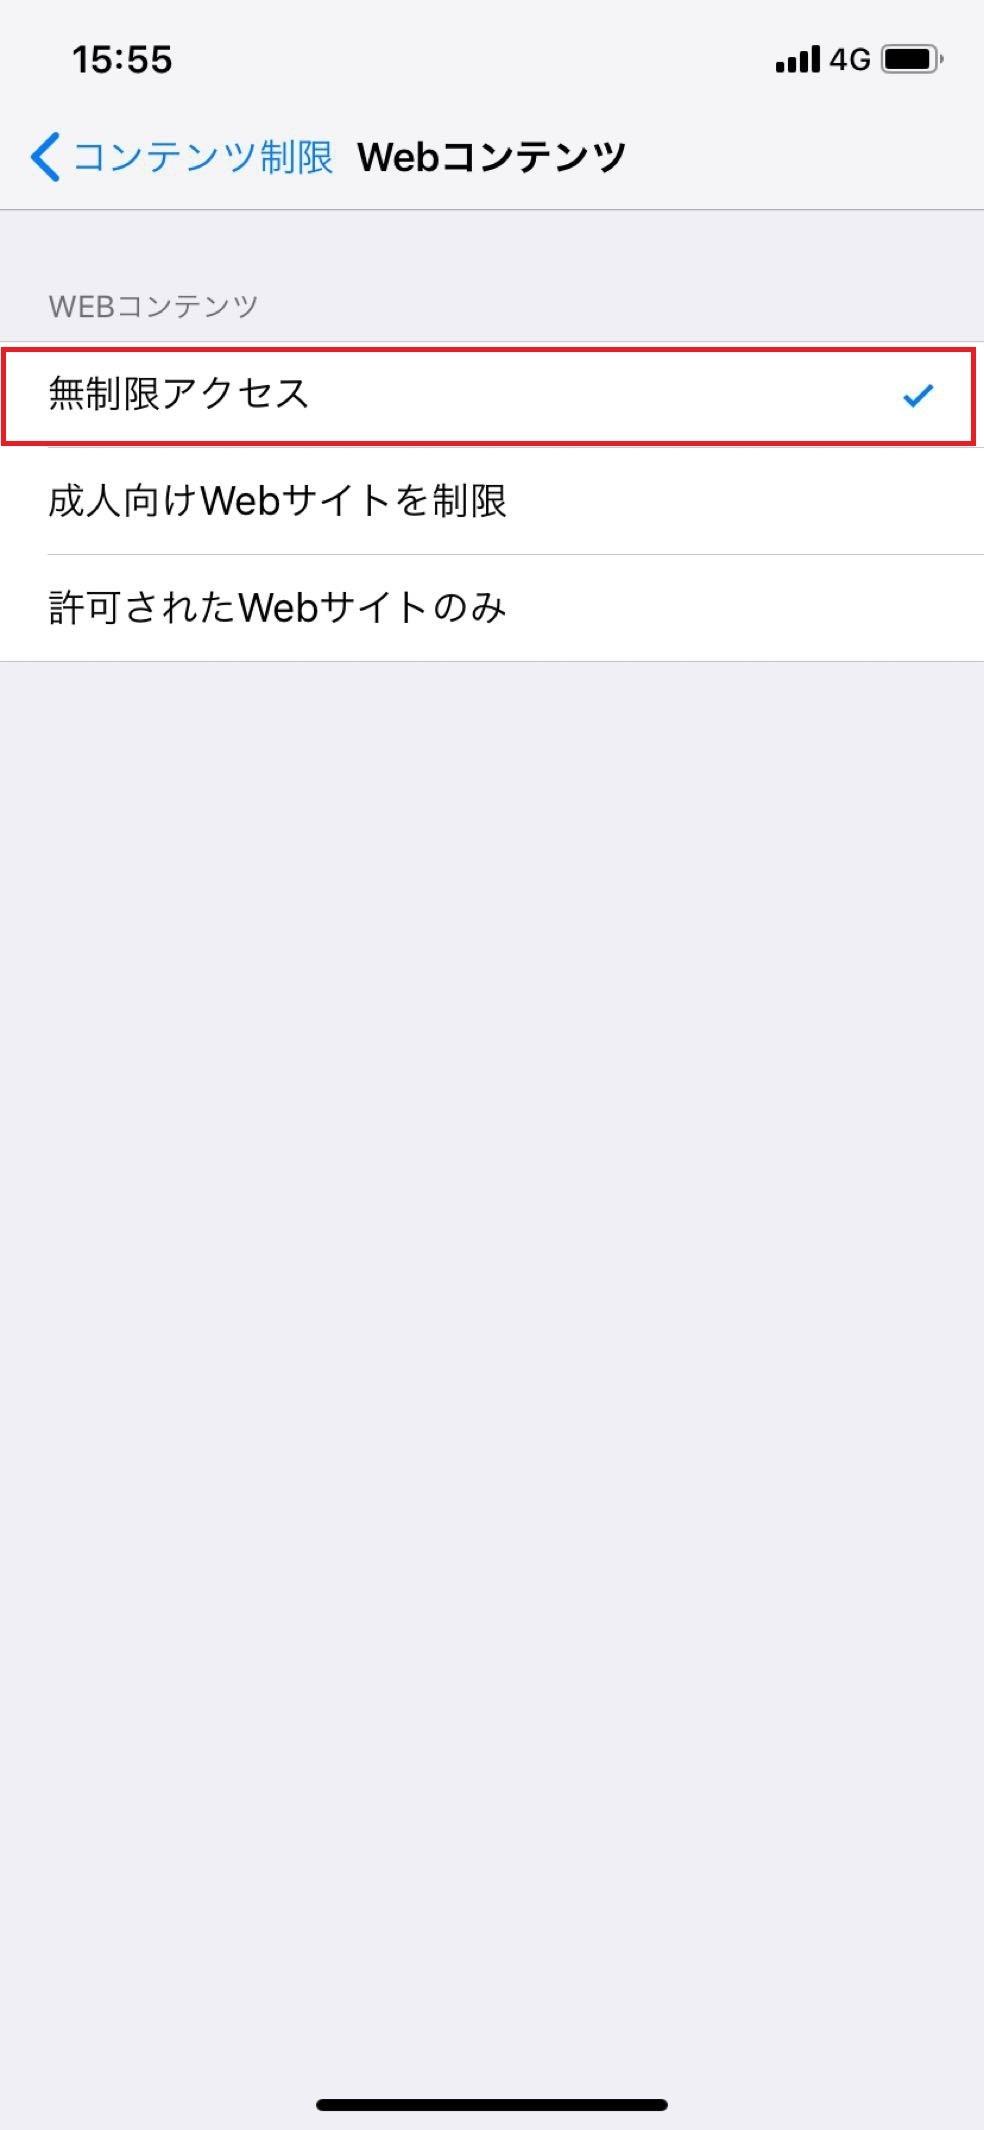 「無制限アクセス」にチェックを入れると、Safariの機能制限がオフになります